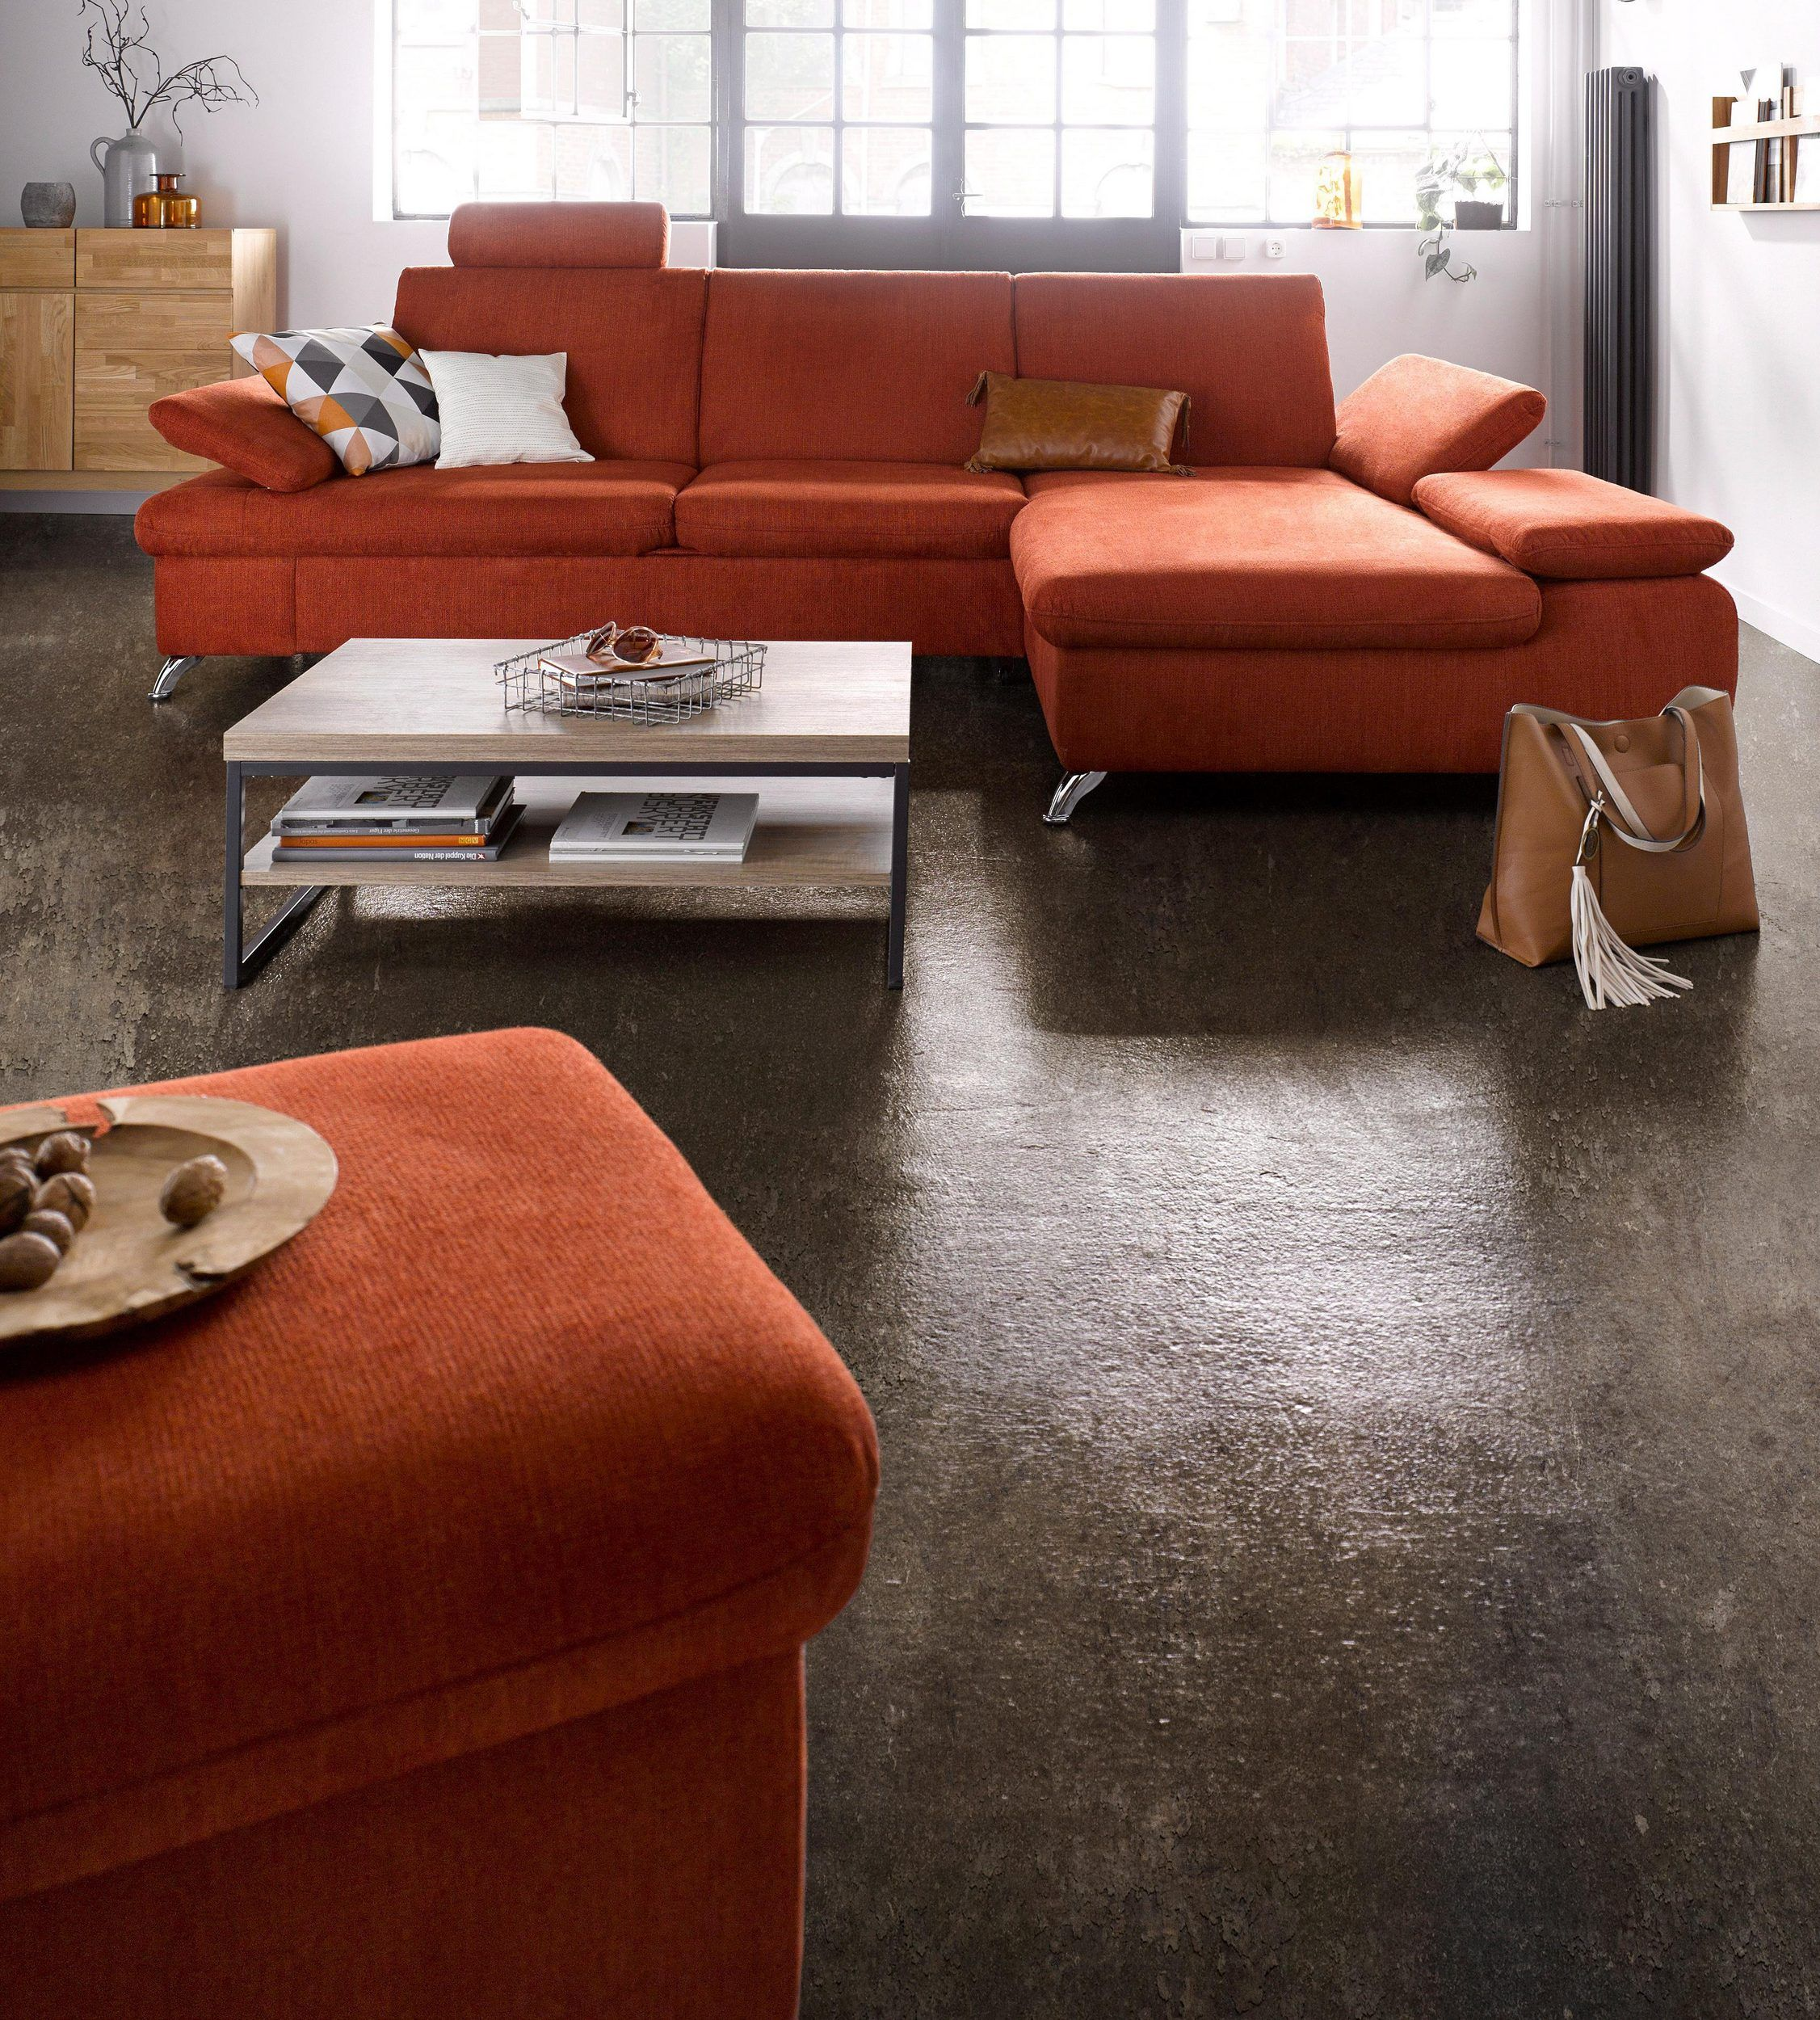 Moderne Wohnzimmereinrichtung Um Bis Zu 50 Reduziert